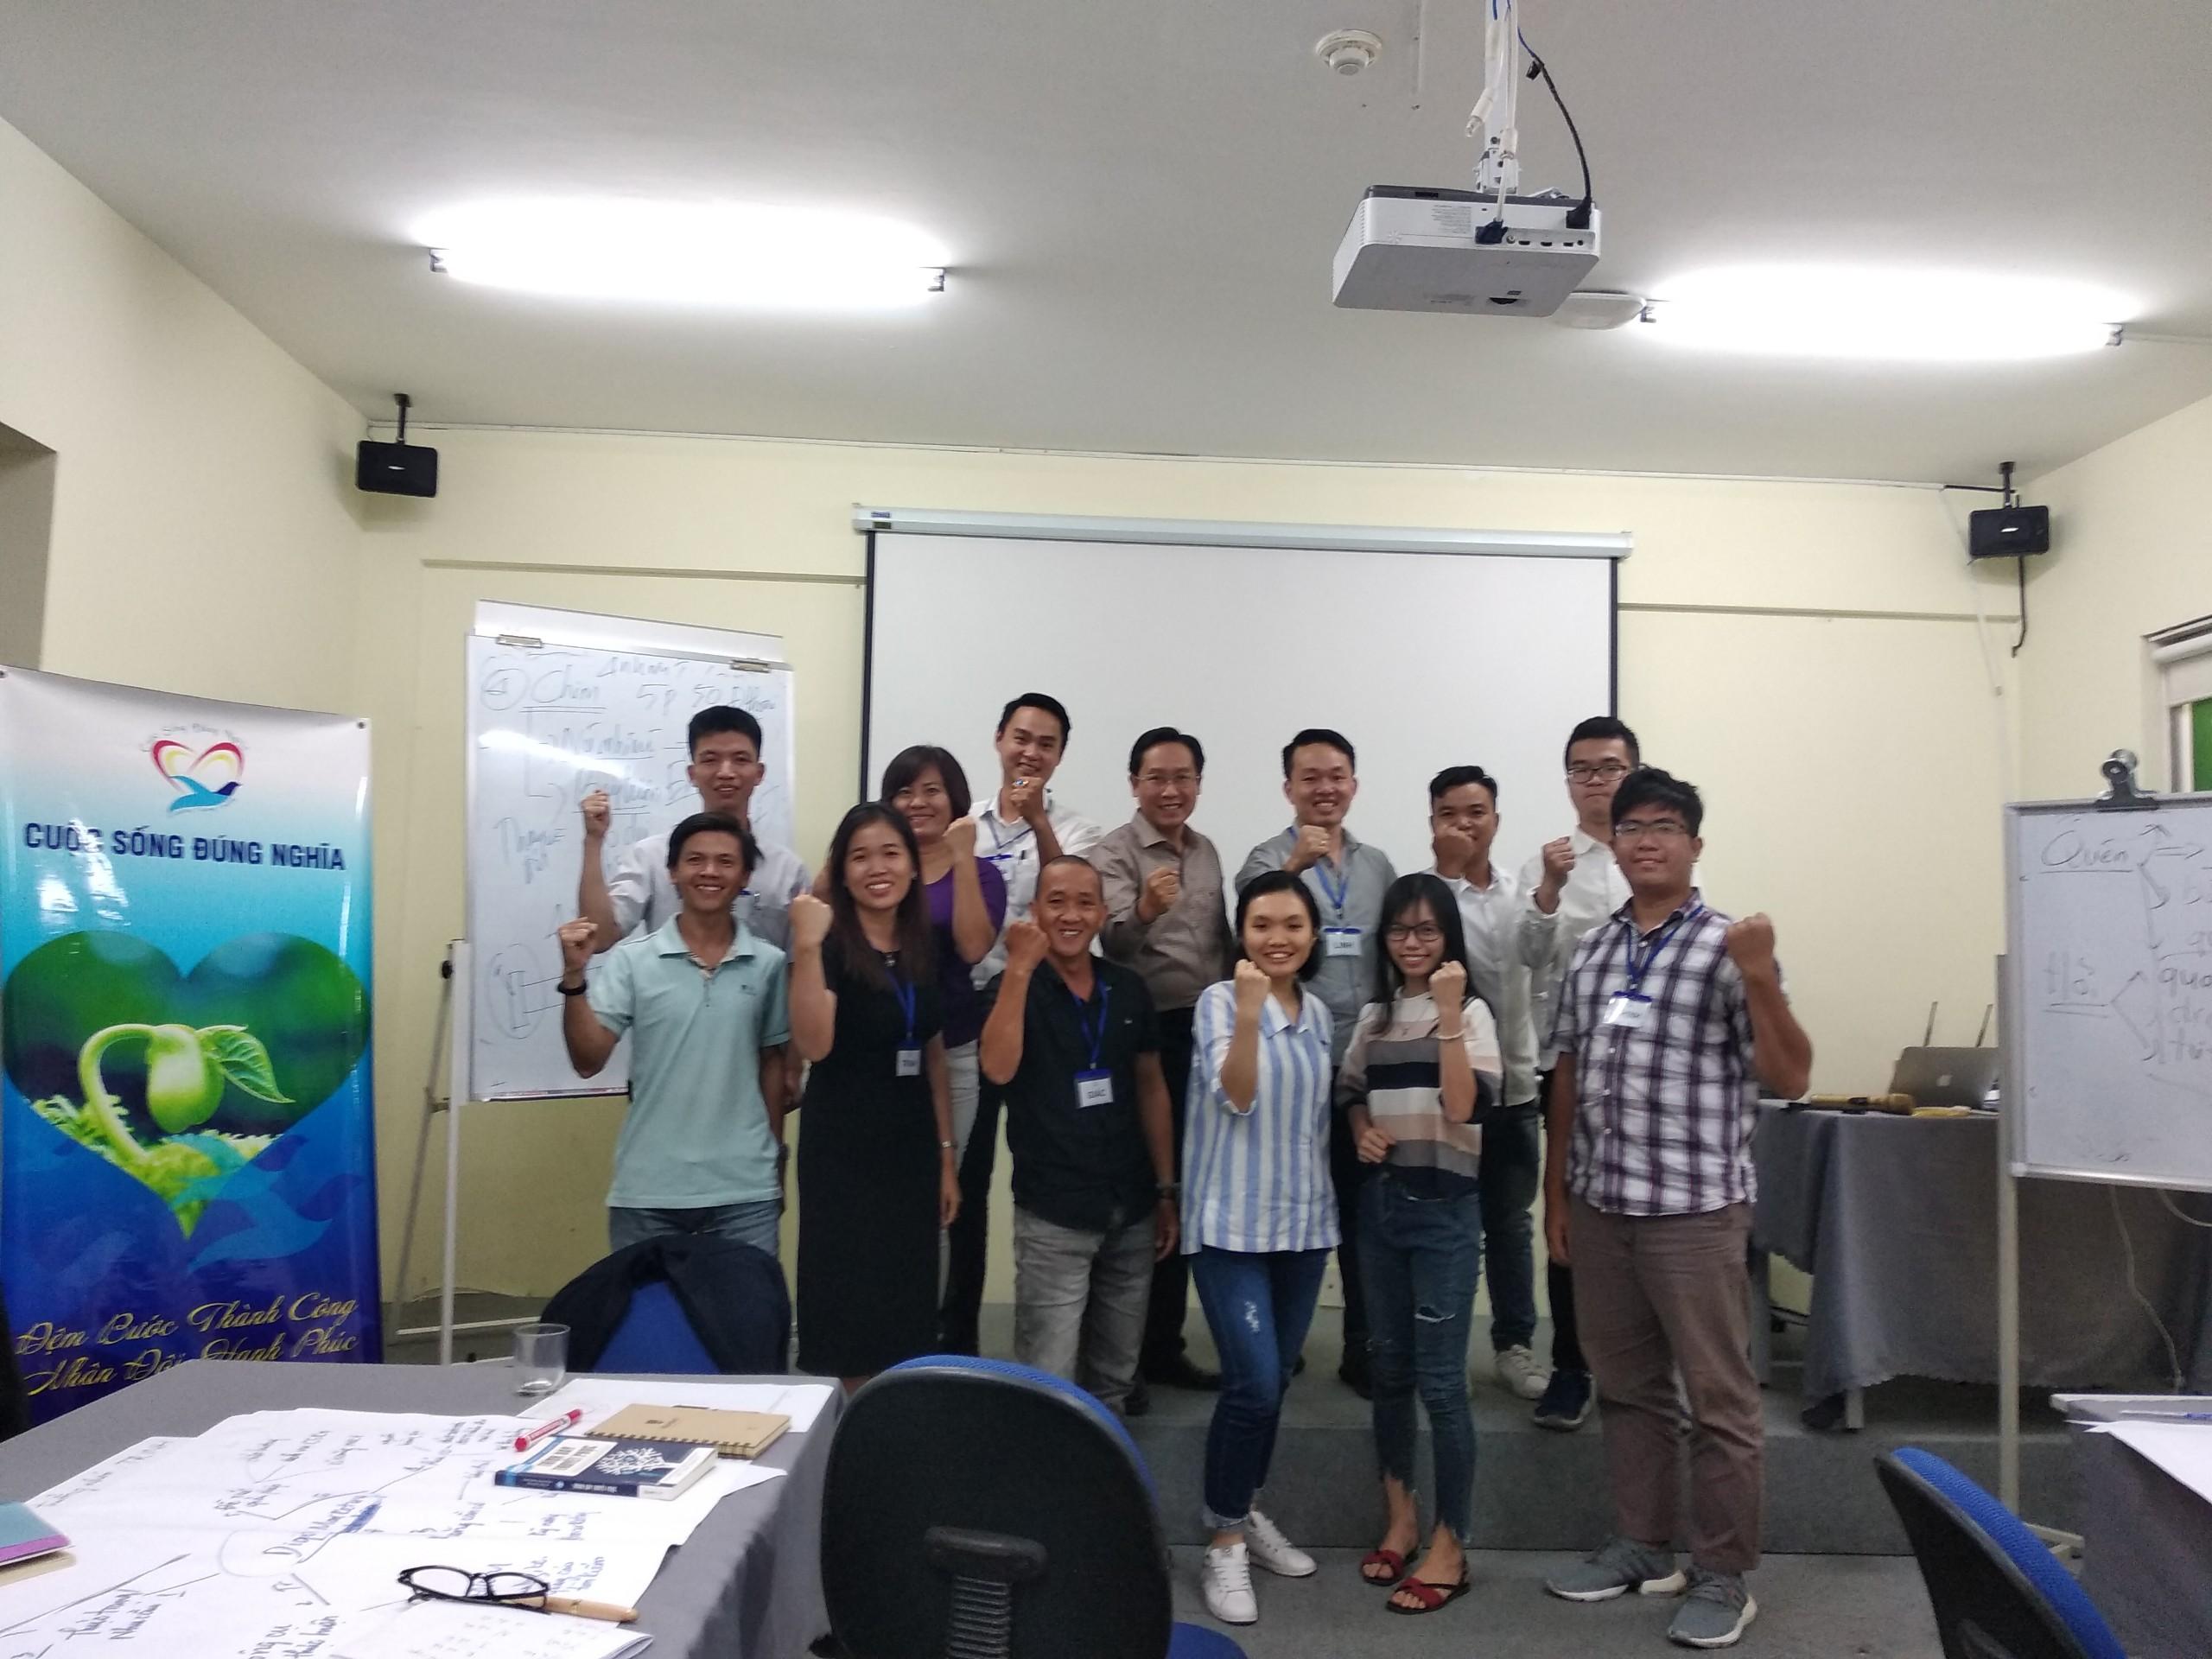 """Đào tạo public: """"kỹ năng giao tiếp thuyết trình thuyết phục"""" tại Hồ Chí Minh tháng 12 năm 2019"""